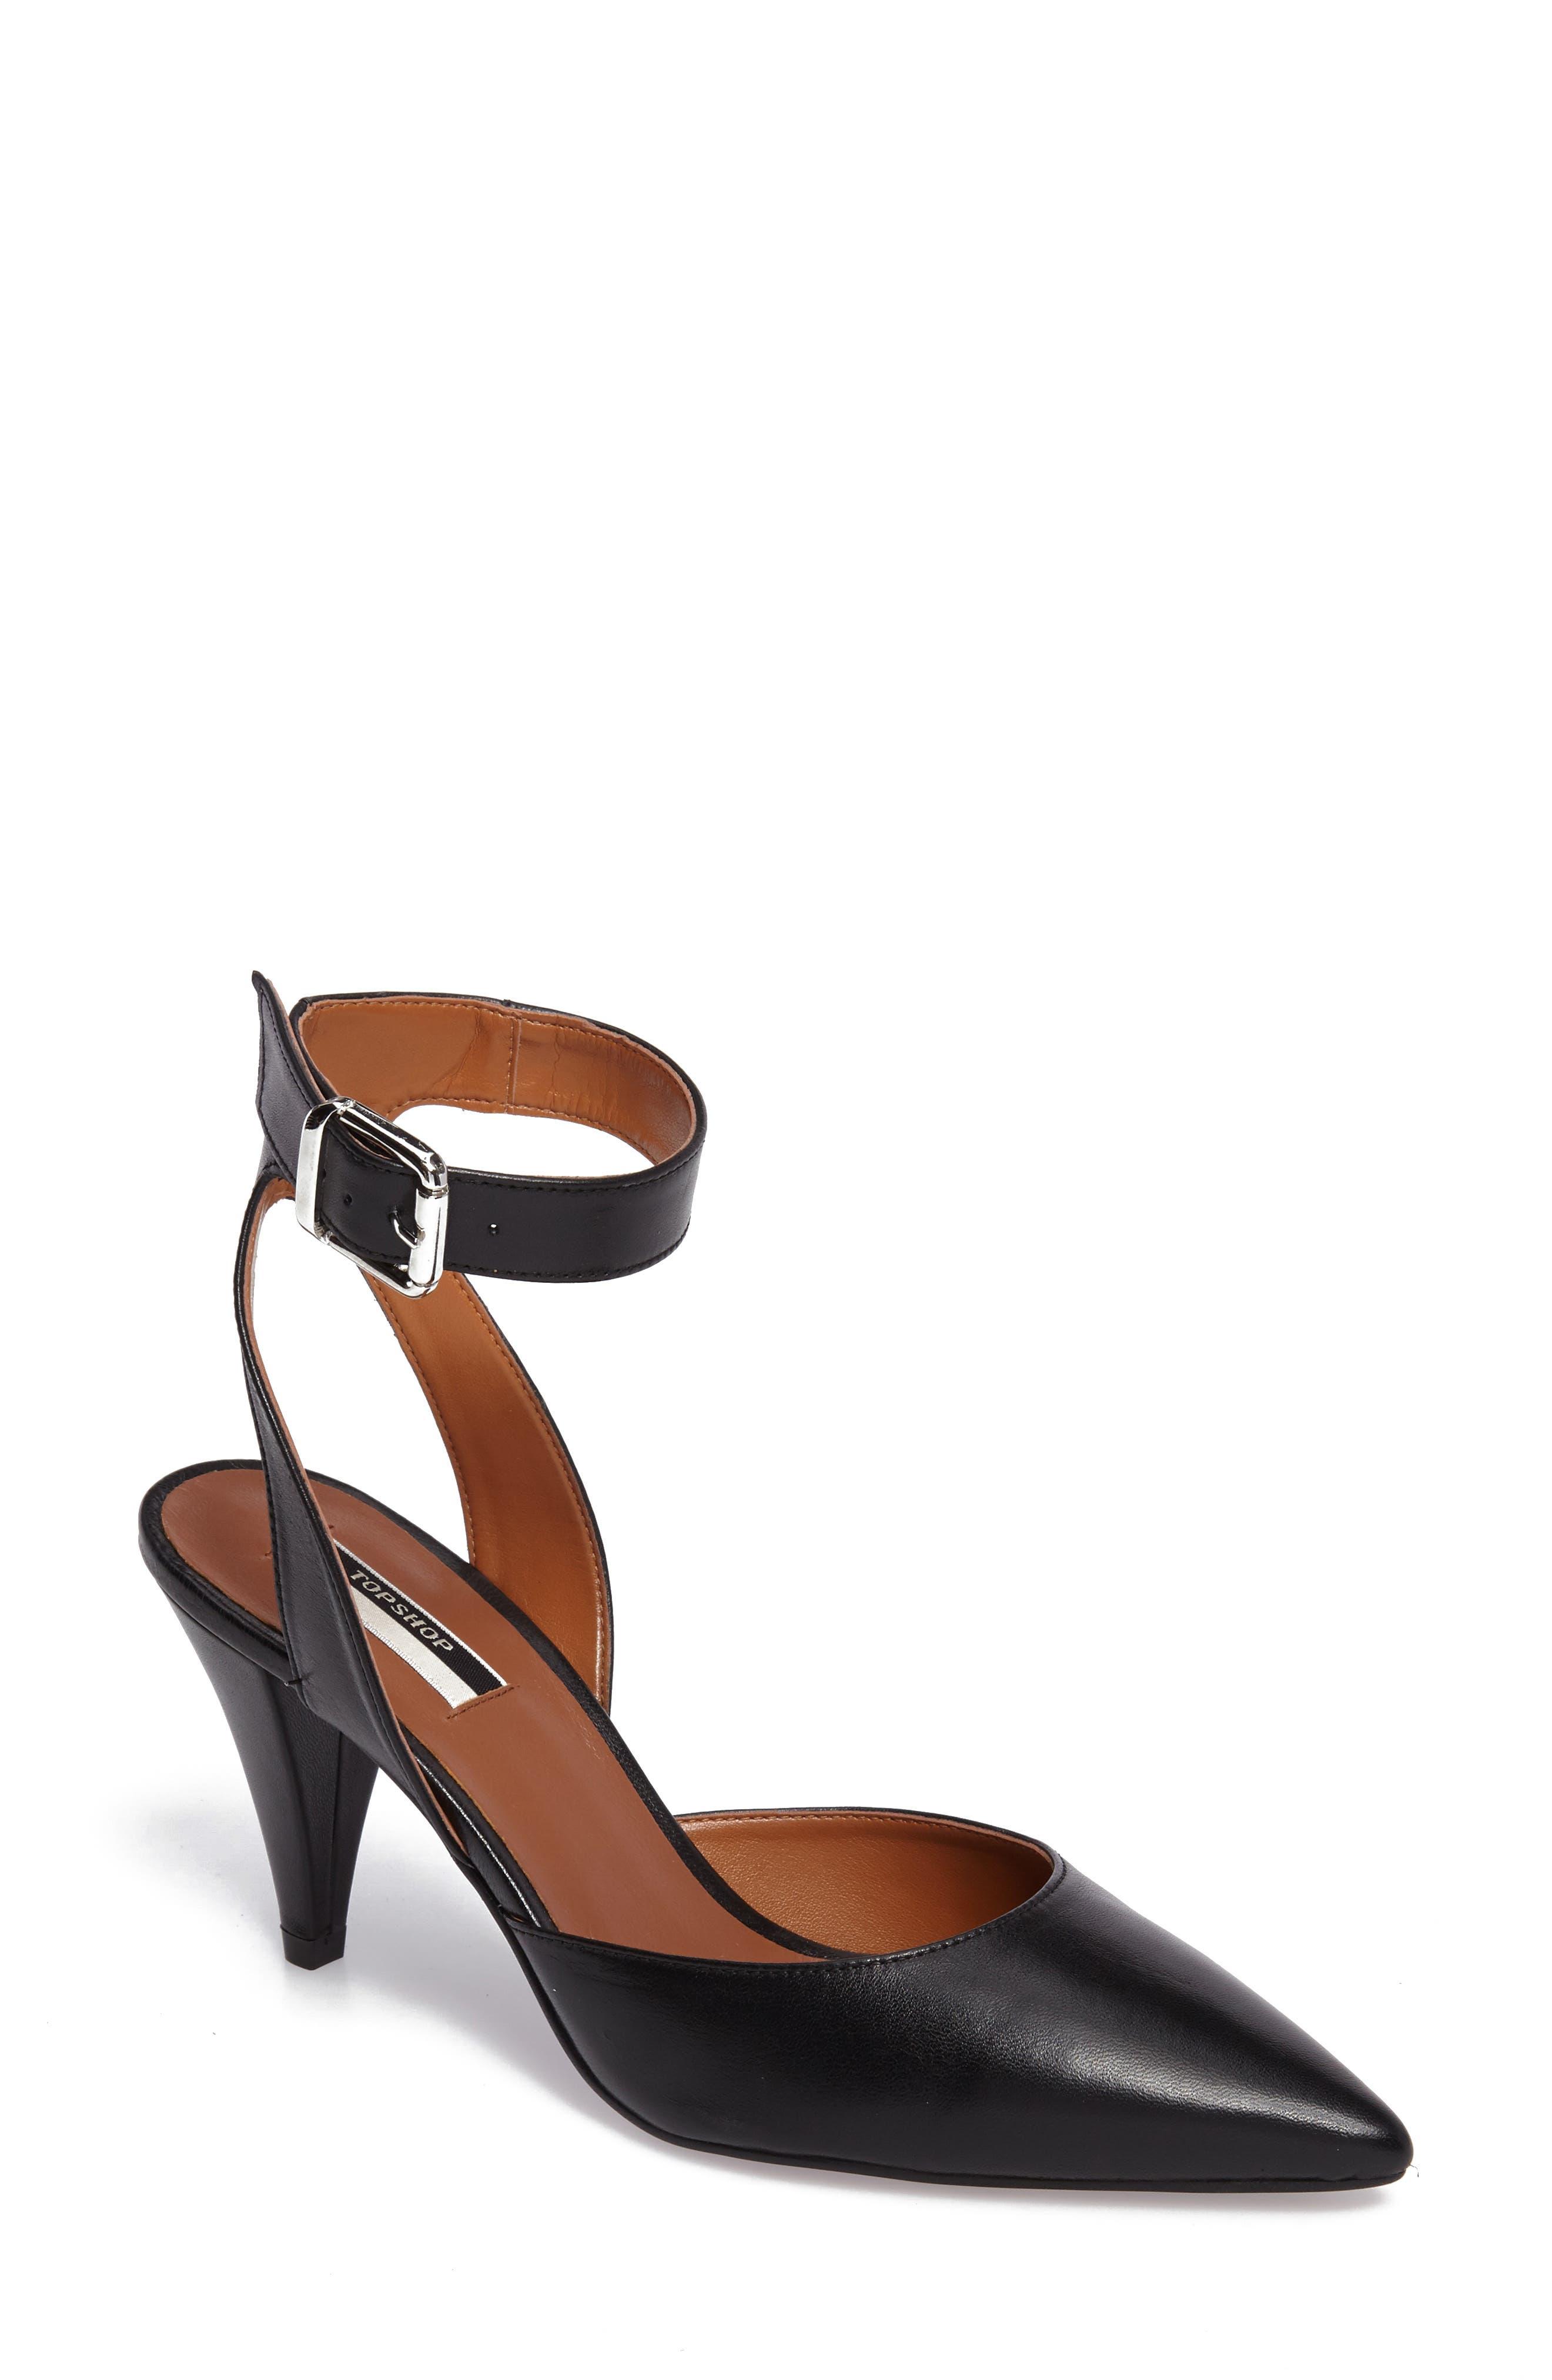 Jessa Ankle Strap Pump,                         Main,                         color, 001